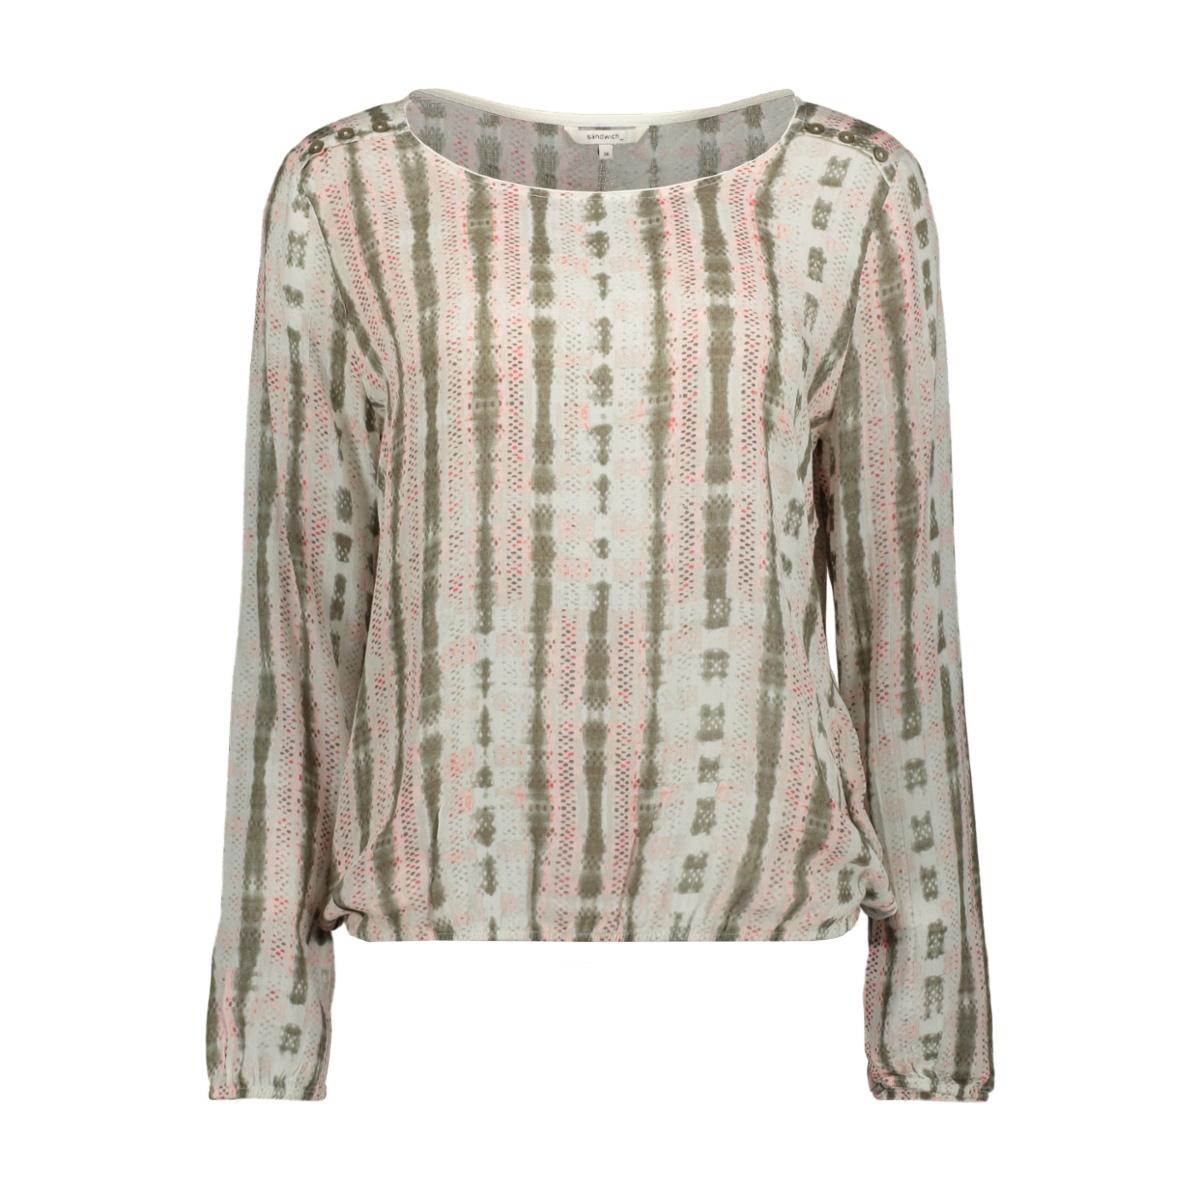 blouse met sierknoopjes 22001687 sandwich blouse 50097